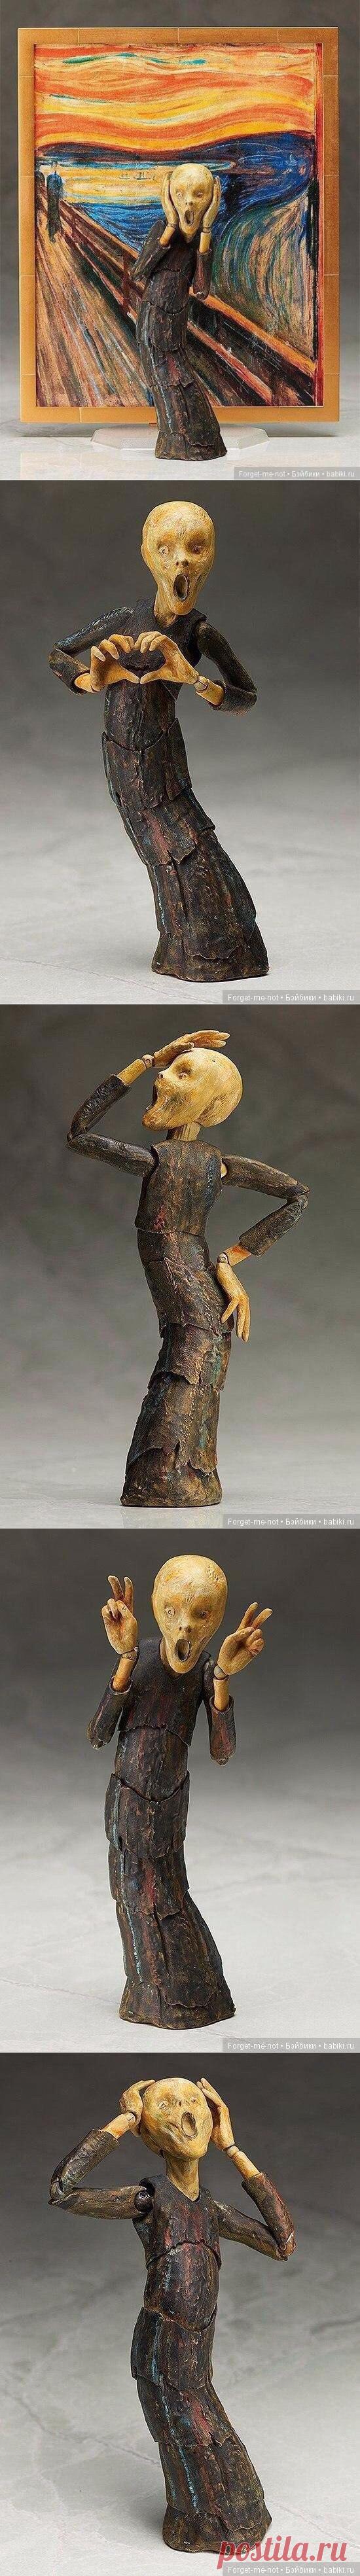 Подвижная скульптура сделанная по картине Мунка / Figma, Фигма фигурки / Бэйбики. Куклы фото. Одежда для кукол